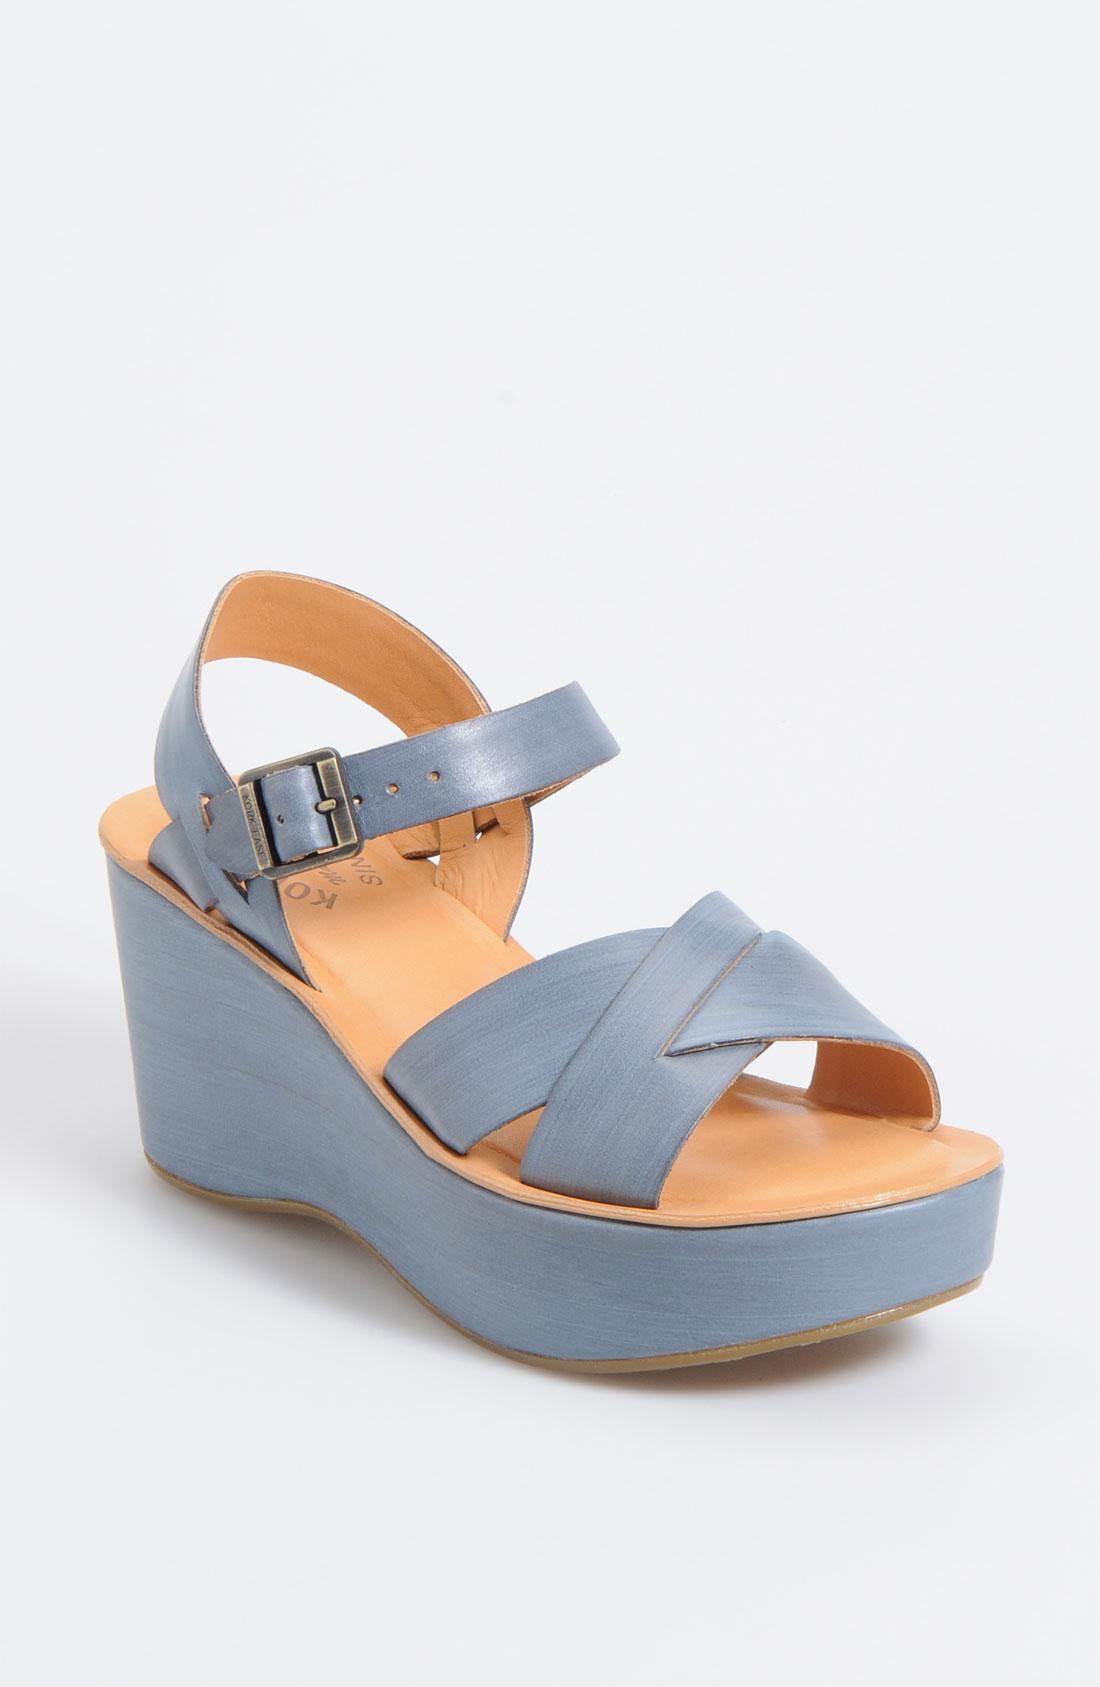 Kork Ease Korkease Ava Wedge Sandal In Blue Orion Lyst